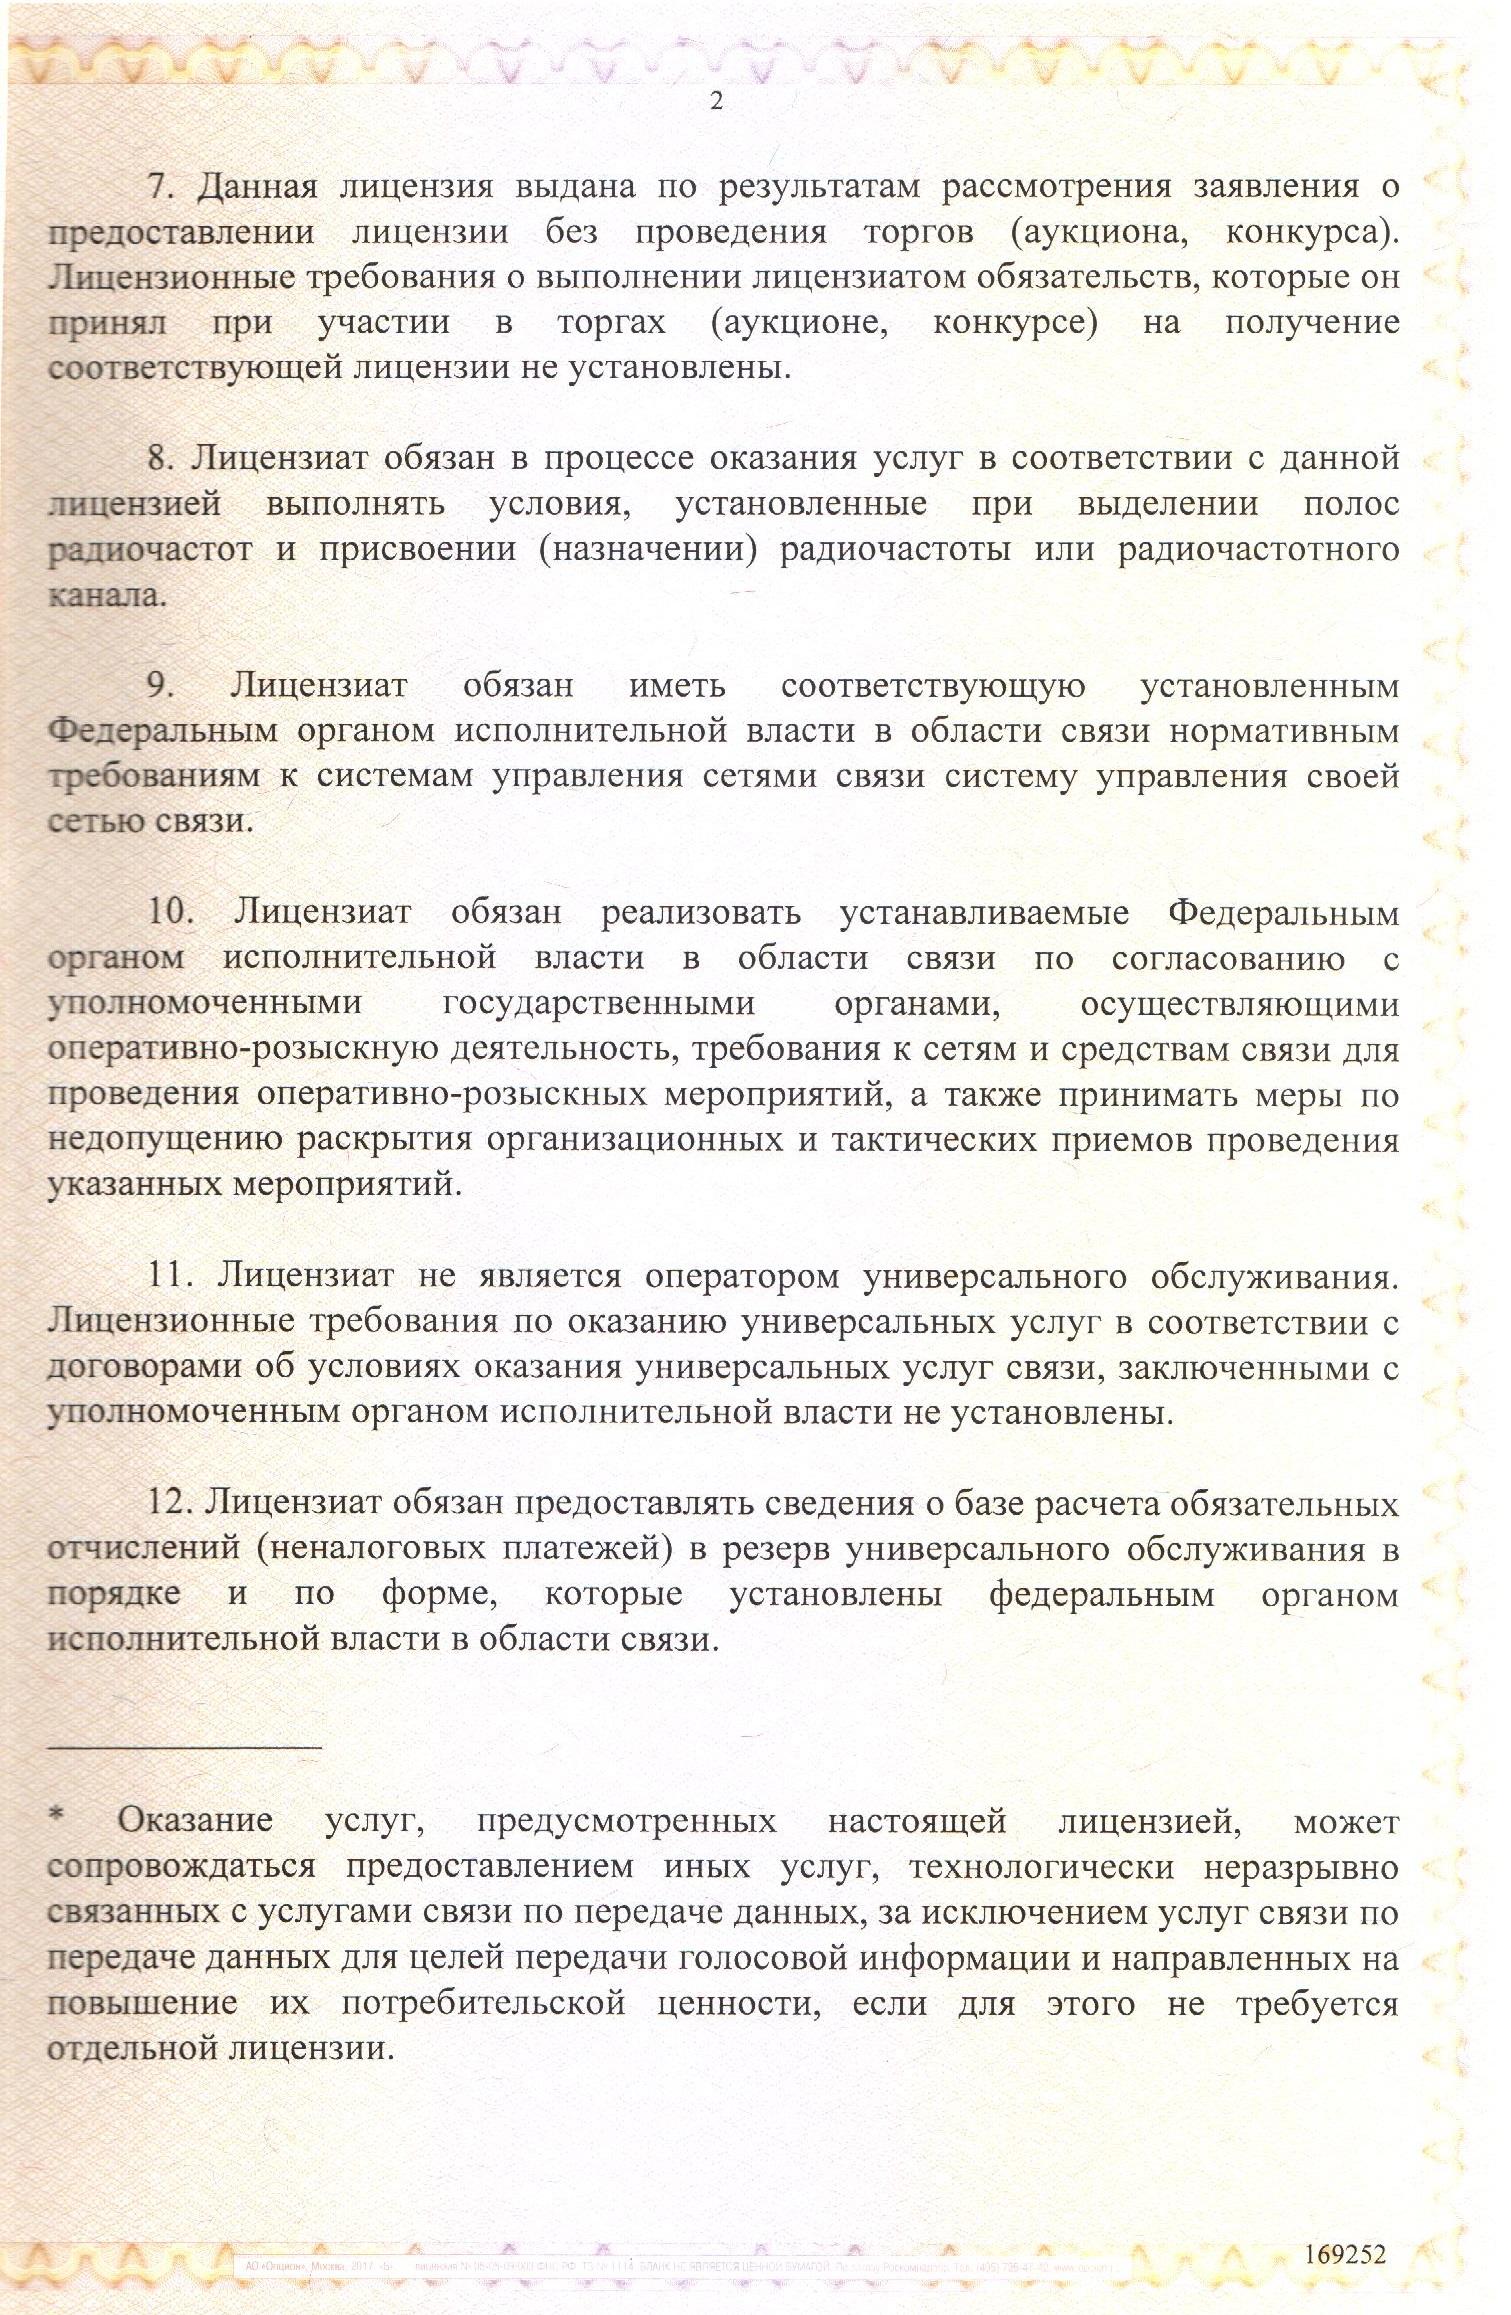 peredacha dannyh stranicza 4 izobrazhenie 0001